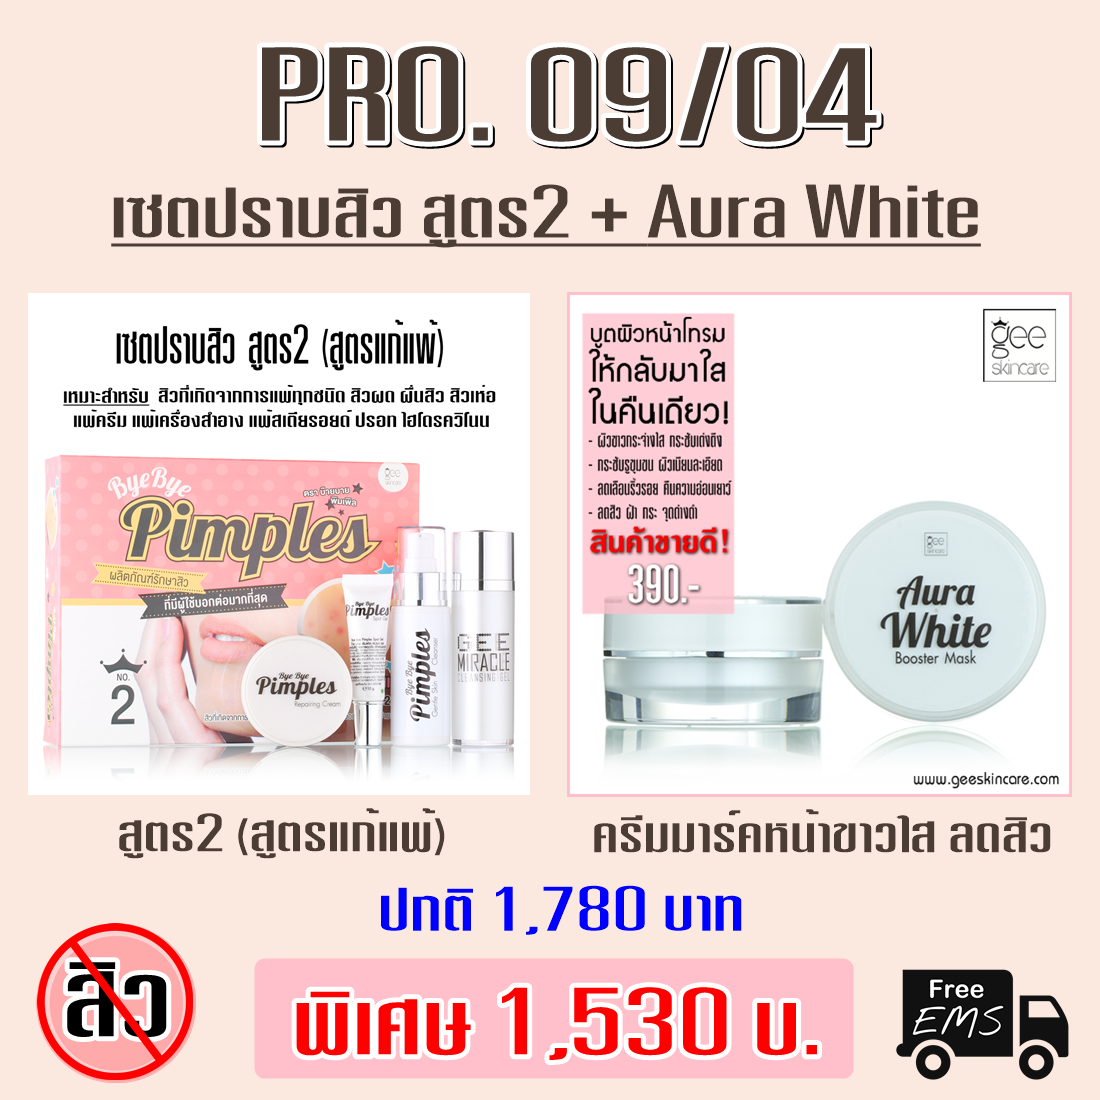 Promotion 09/04 [เซตปราบสิว สูตร2(สูตรแก้แพ้) + Aura White(มาร์คหน้าขาวใส ลดสิว)]